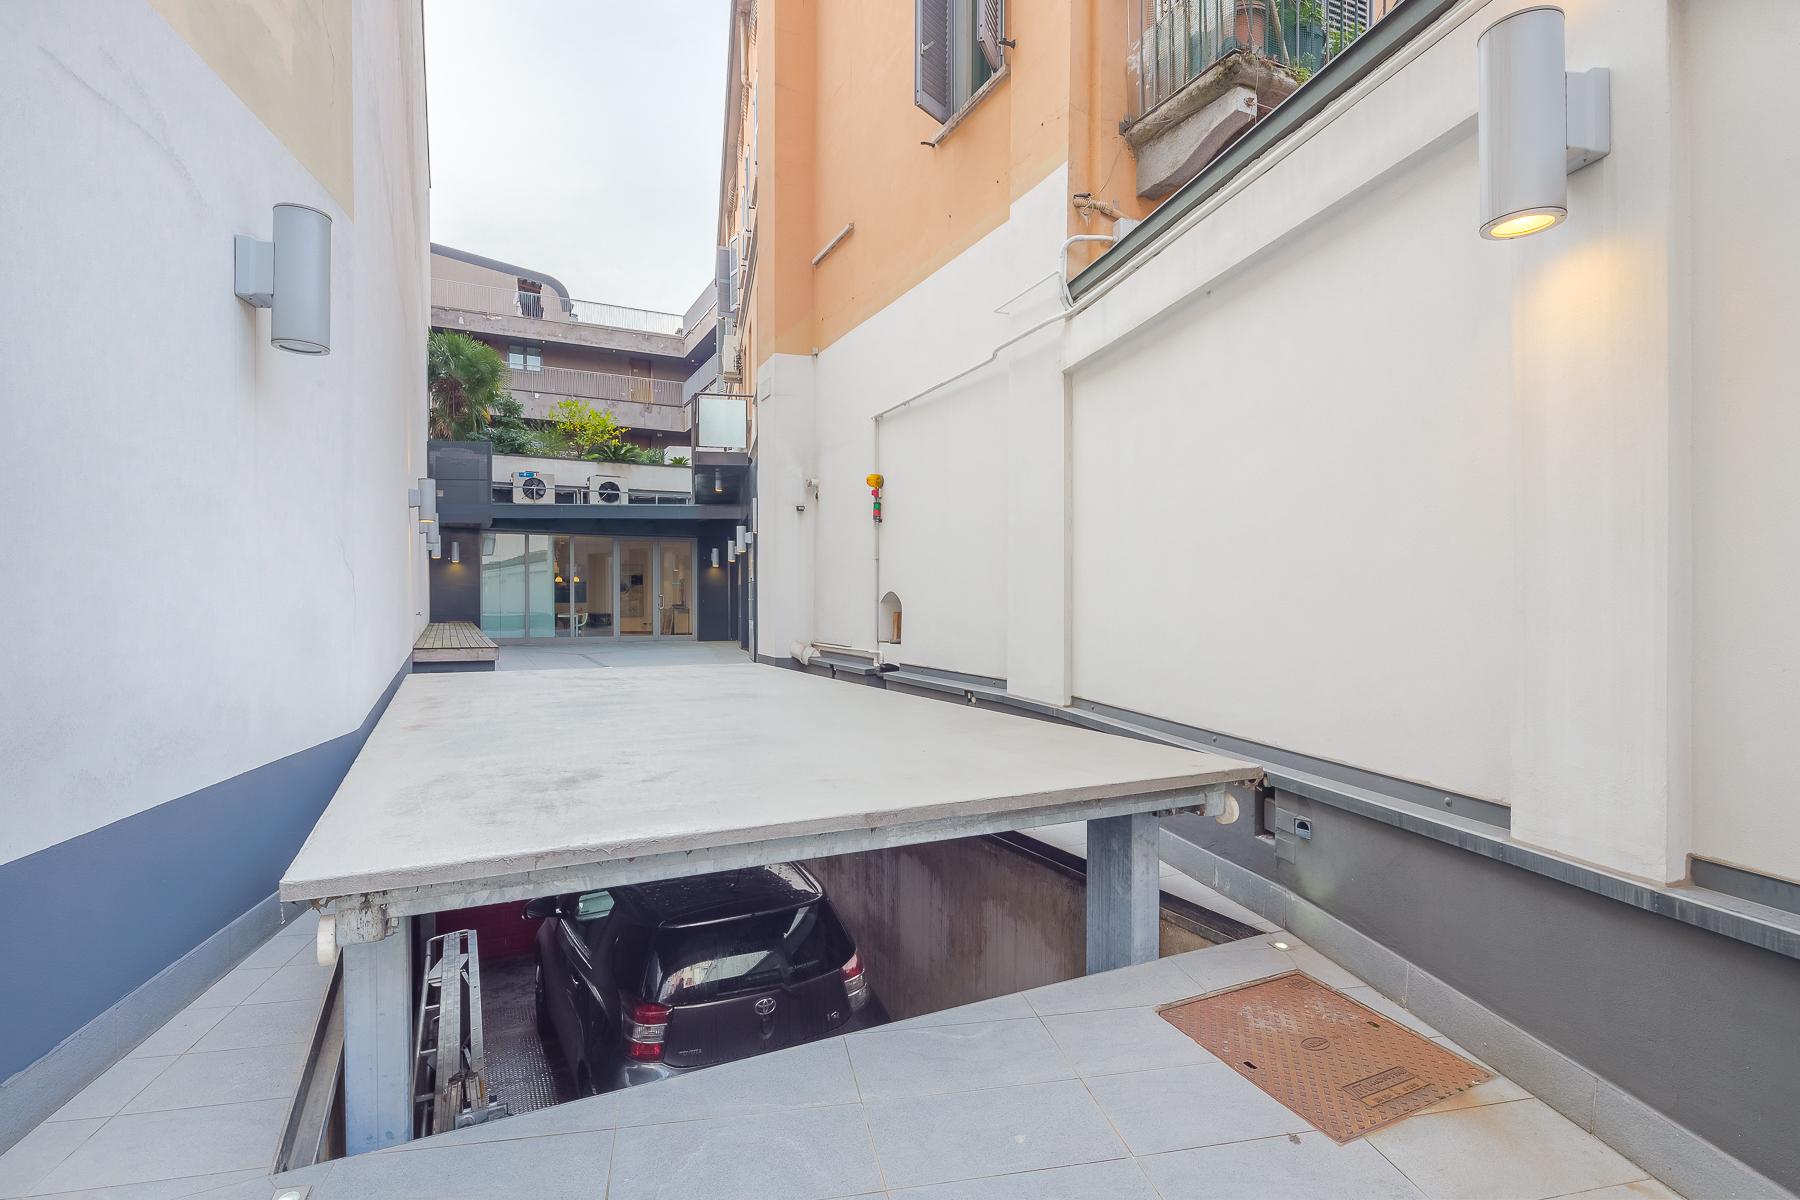 Casa indipendente in Vendita a Milano: 5 locali, 590 mq - Foto 16